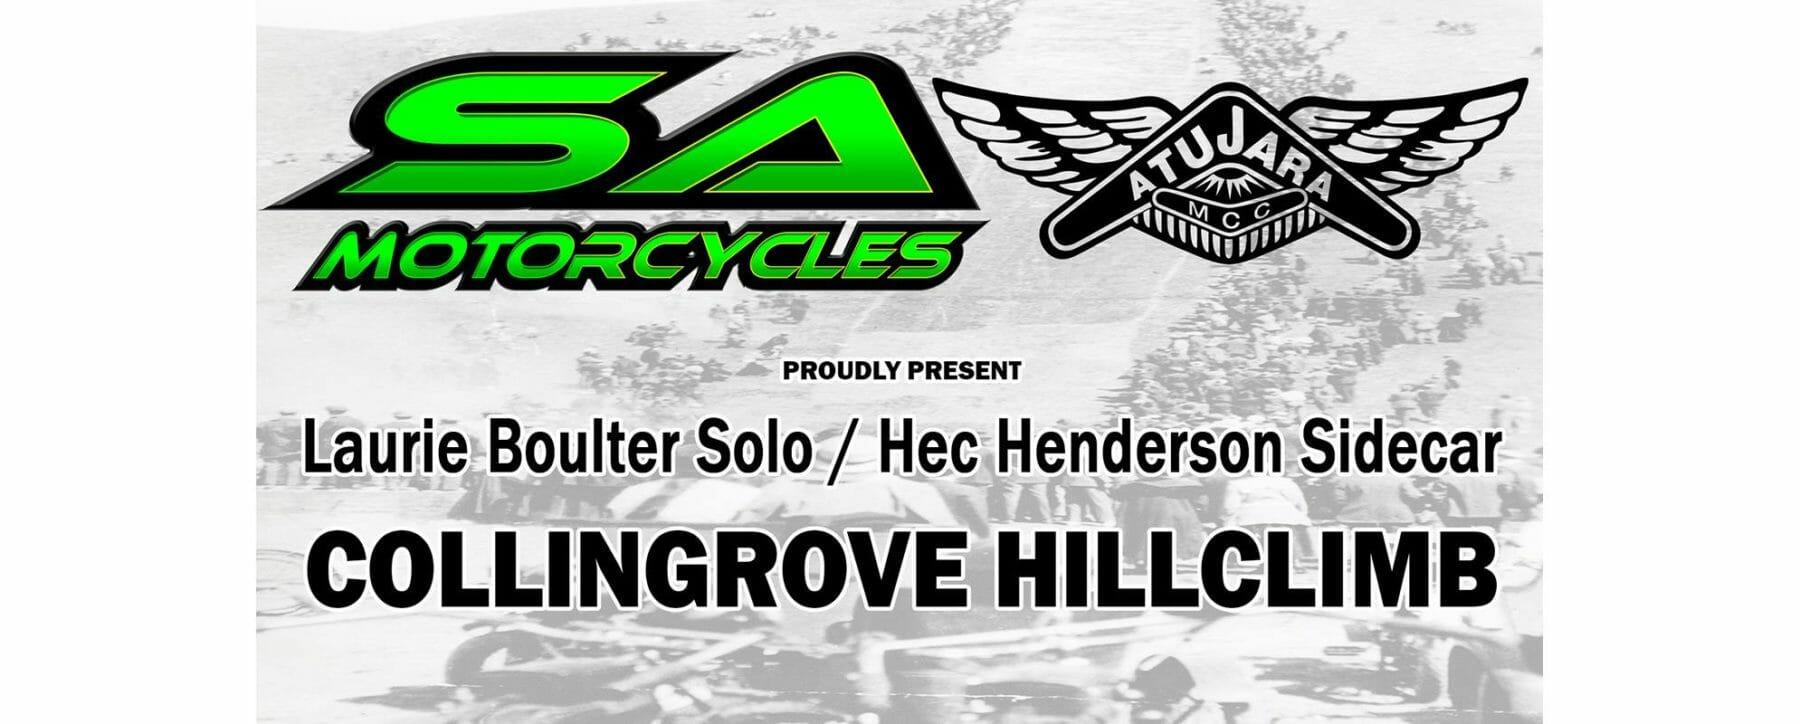 2018 SA Motorcycles/Atujara MCC Collingrove Hillclimb